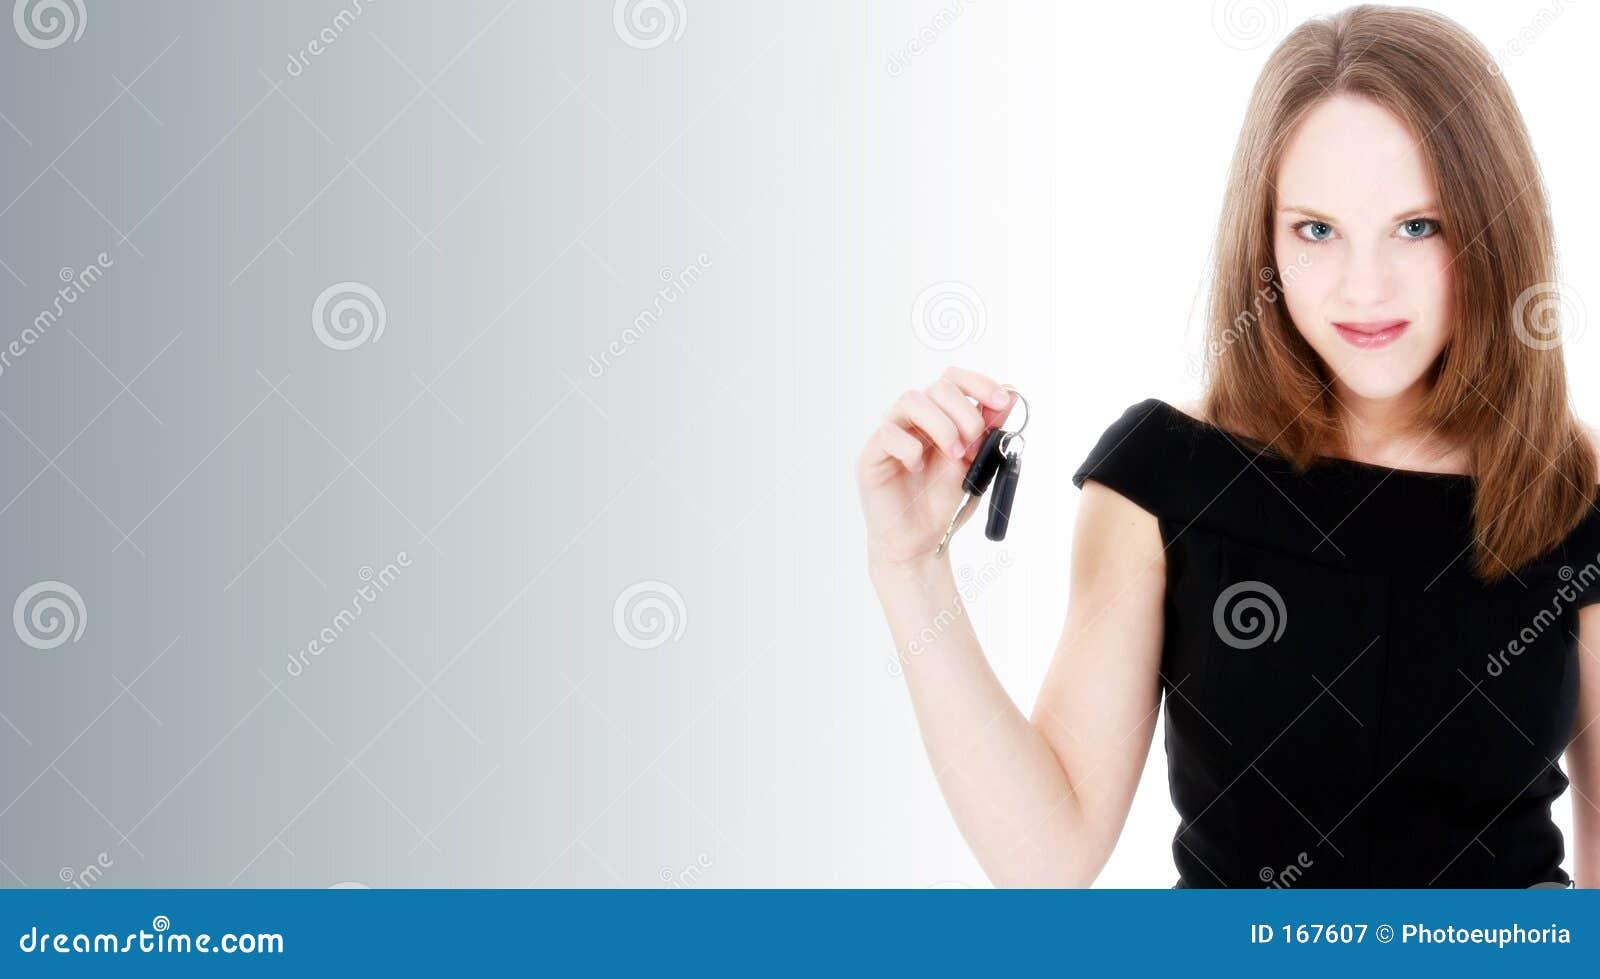 Schöne junge Frau mit neuen Auto-Tasten